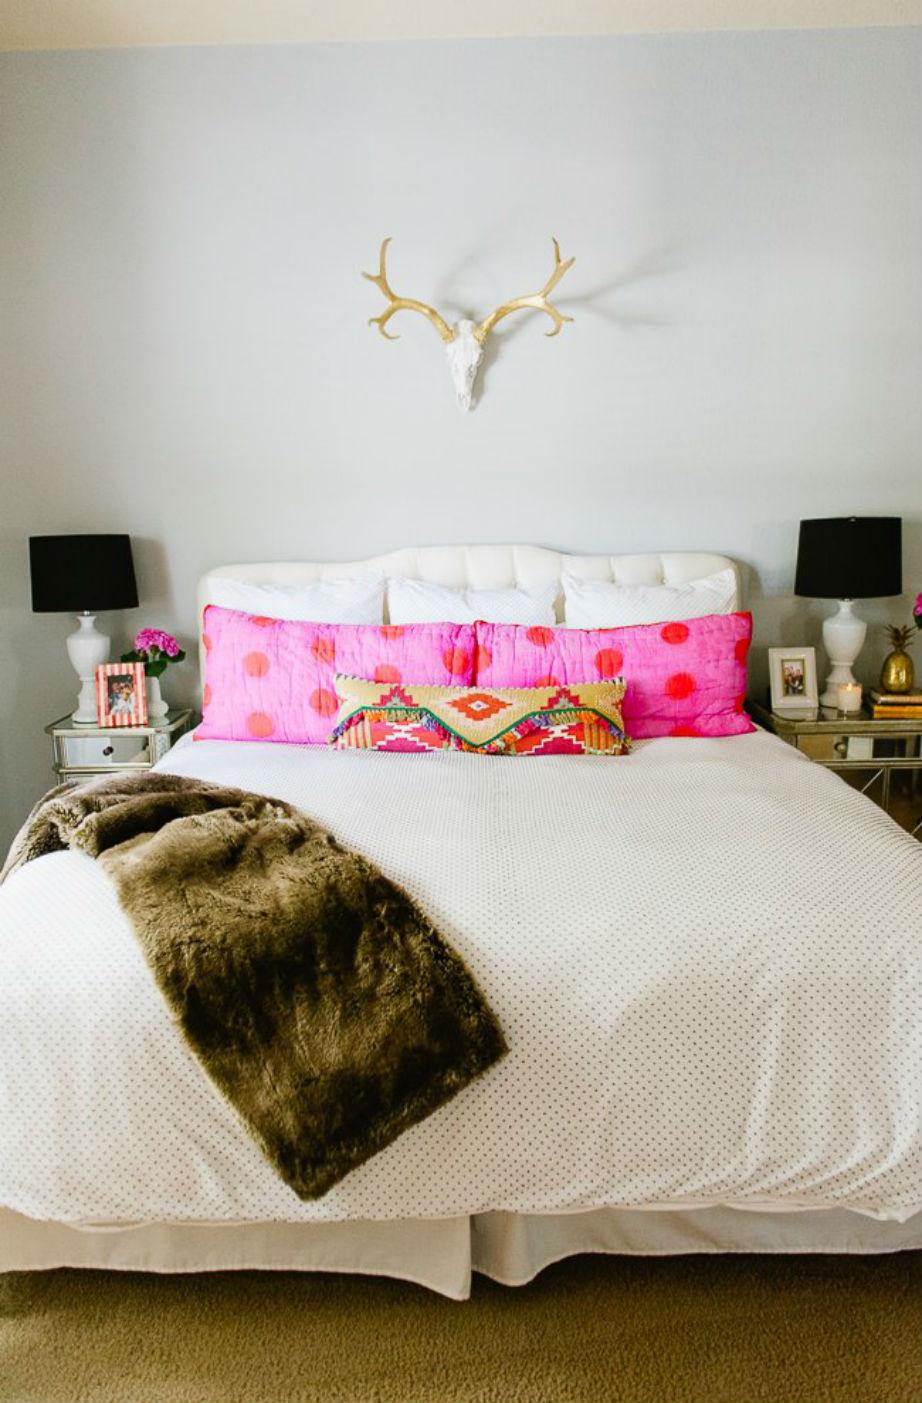 Η πανέμορφη κρεβατοκάμαρα της Katie.